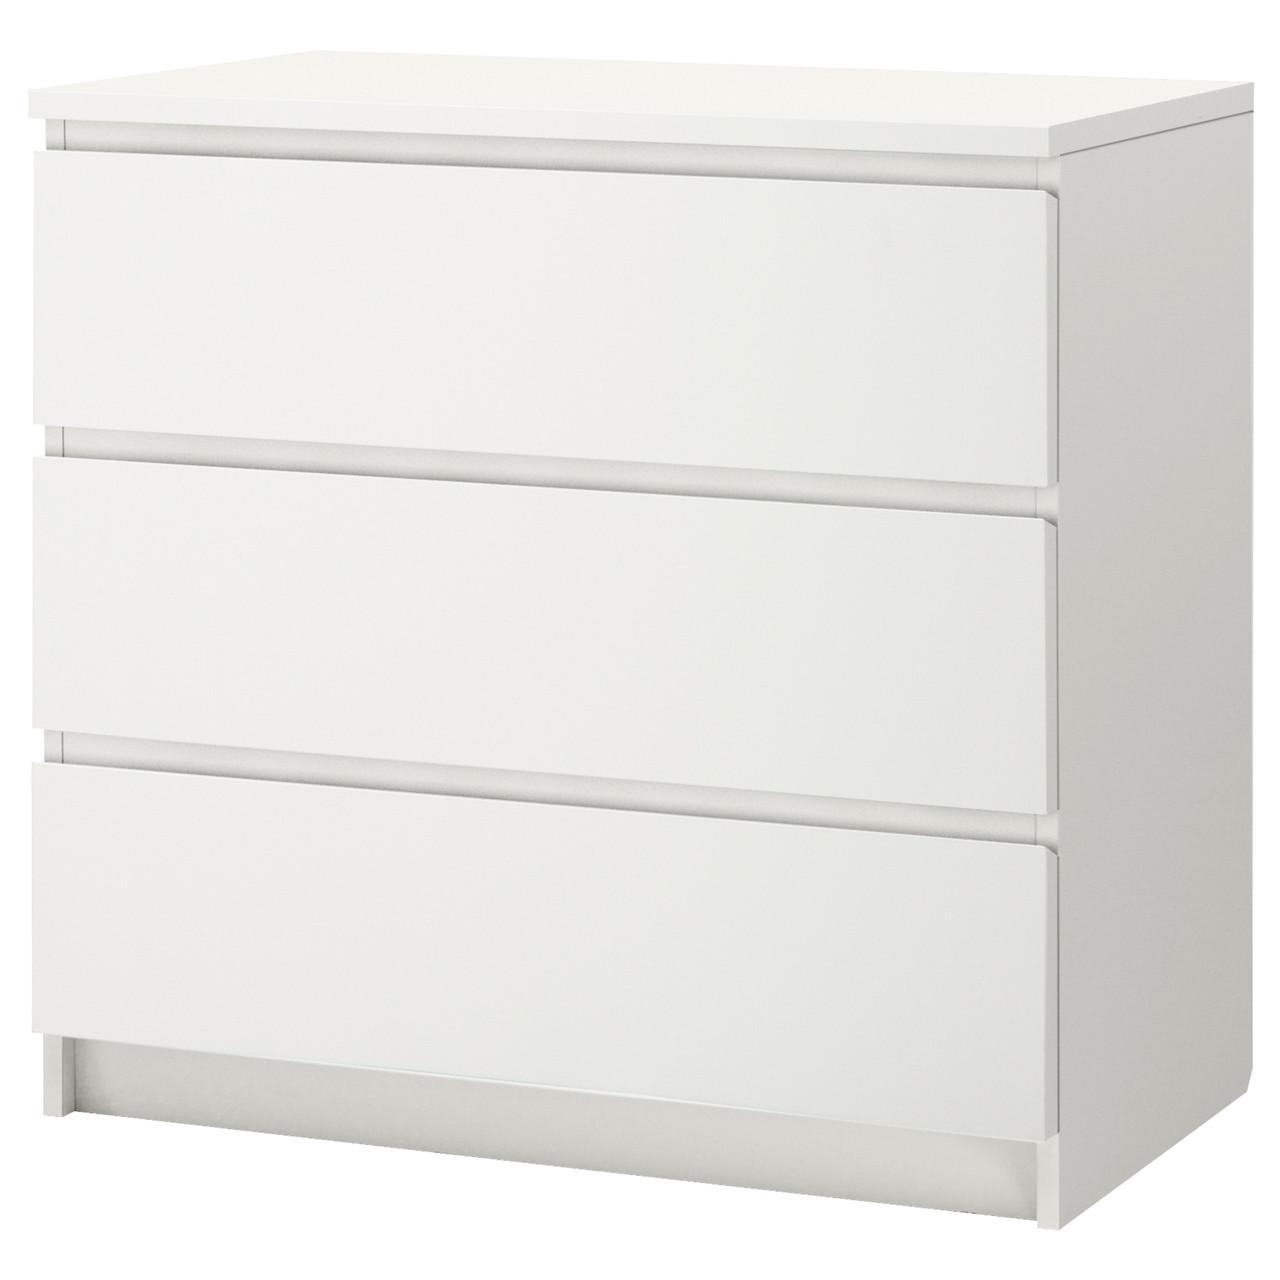 МАЛЬМ Комод с 3 ящиками, белый, 402.145.51